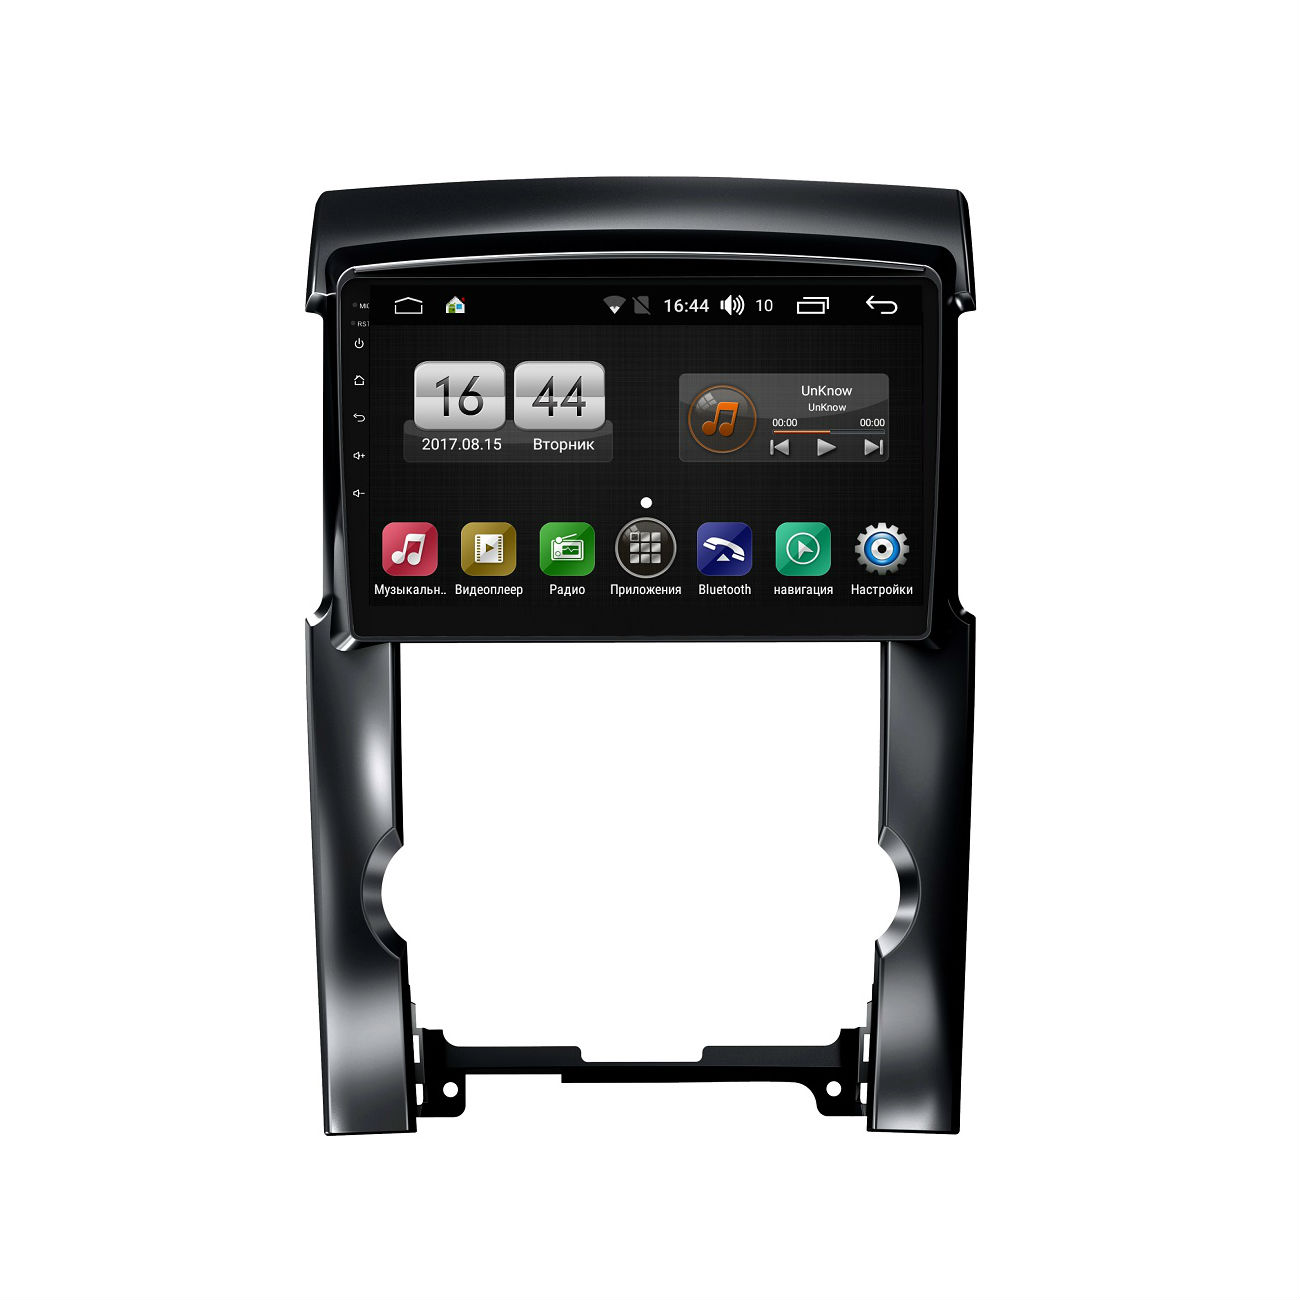 Штатная магнитола FarCar s185 для KIA Sorento 2010-2012 на Android (LY041R) (+ Камера заднего вида в подарок!)